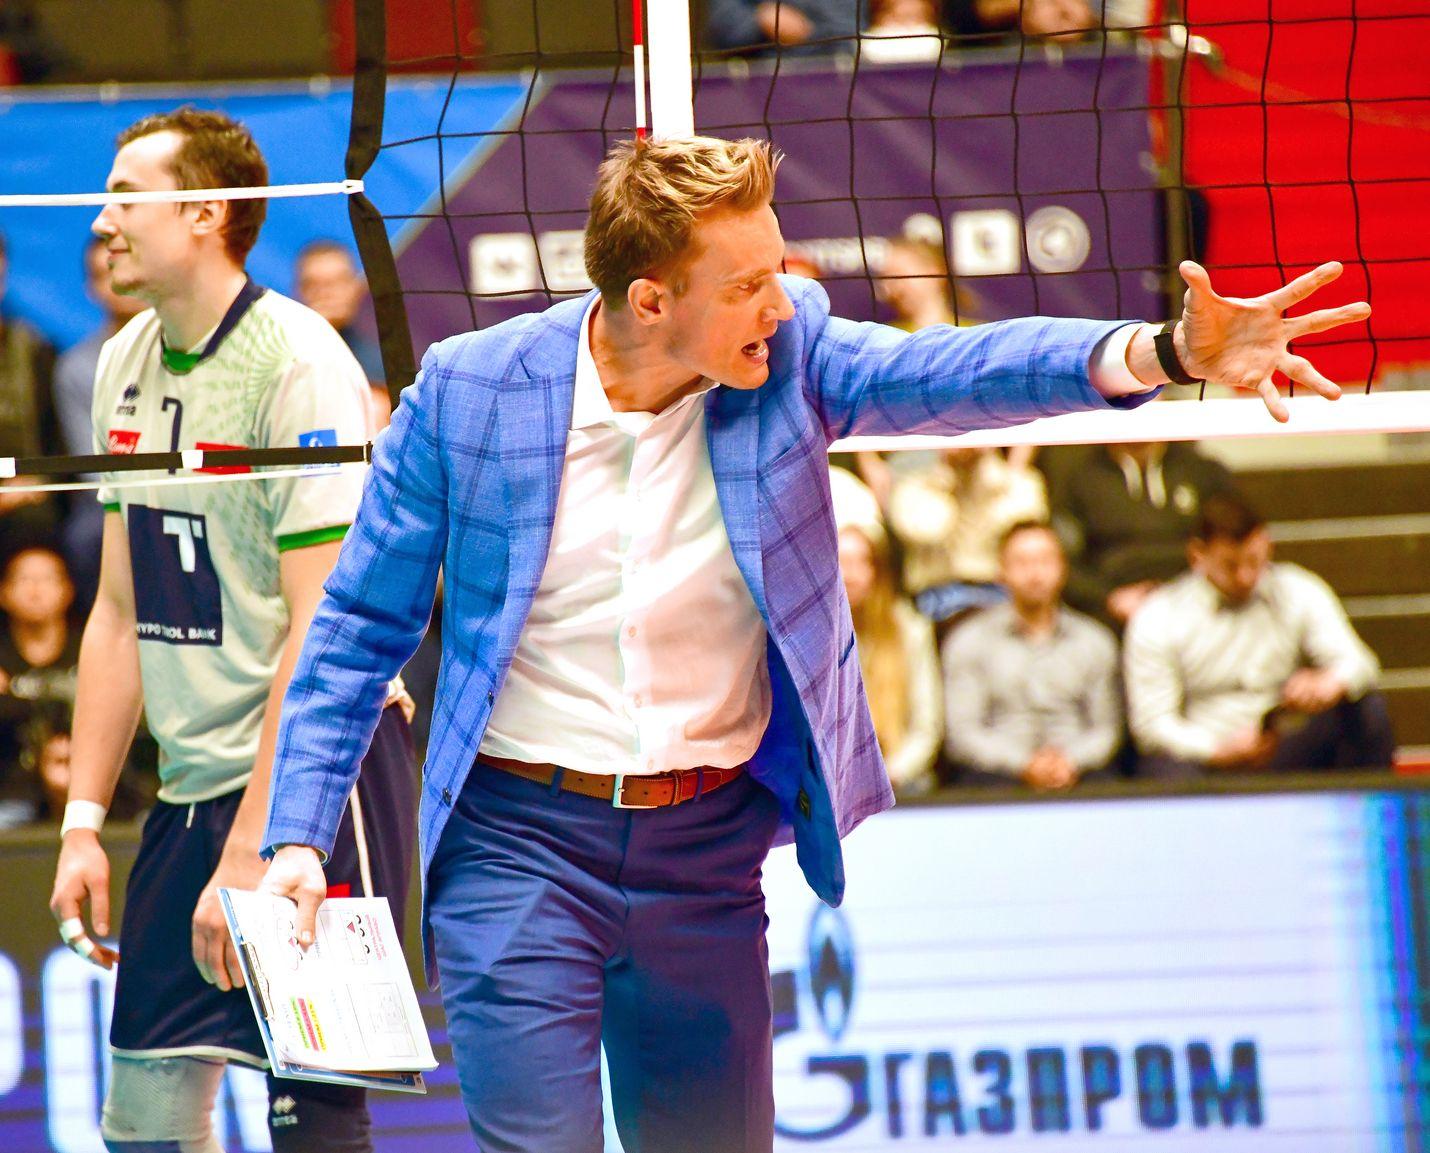 Valmennuskulttuureissa Suomen ja Venäjän välillä on Tuomas Sammelvuon mukaan eroa.  Kun valmentaja täällä sanoo jotakin, niin harvoin se kyseenalaistetaan. Hierarkia on selkeä.